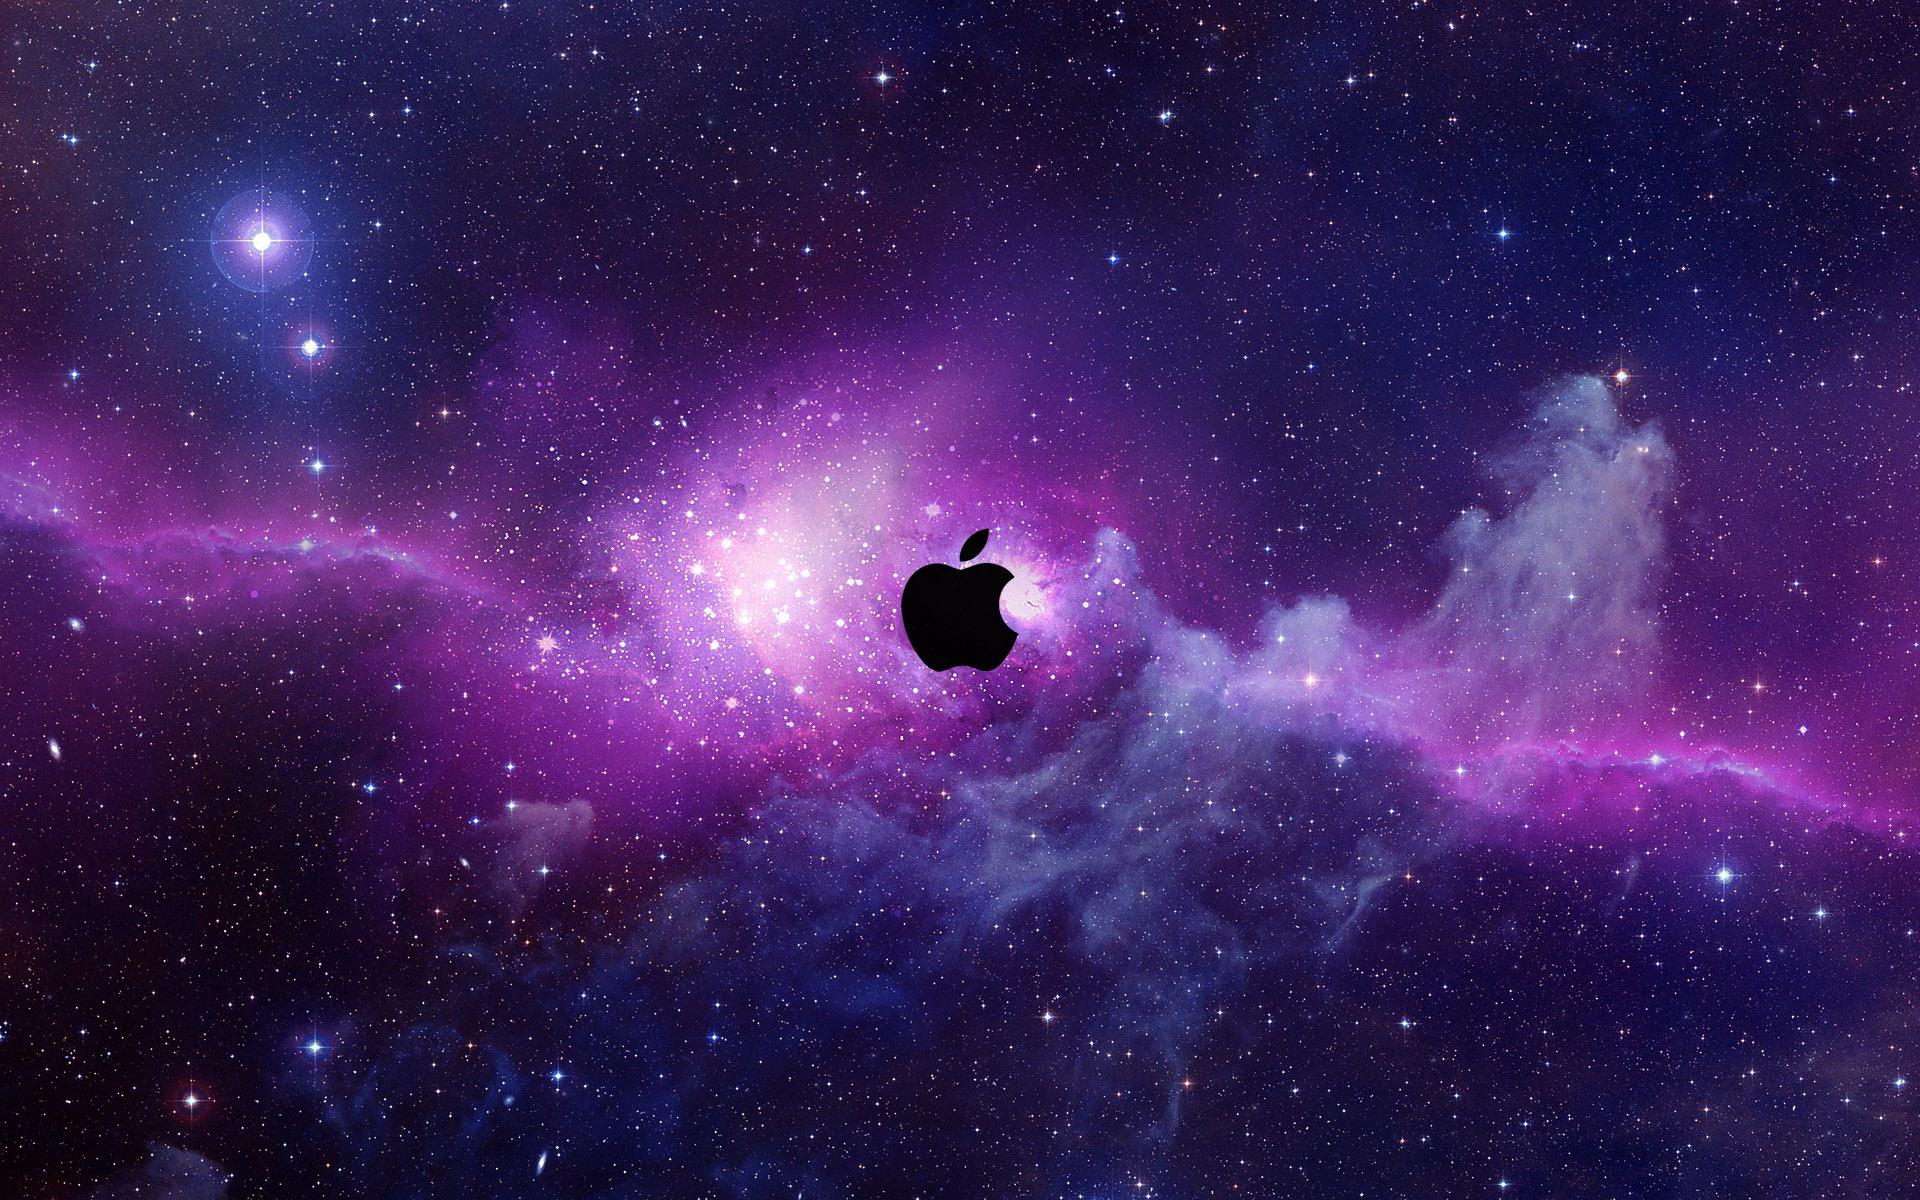 mac hq hd wallpaper 16 500x312 20 Elegant Apple Mac HD Wallpapers Set 1920x1200